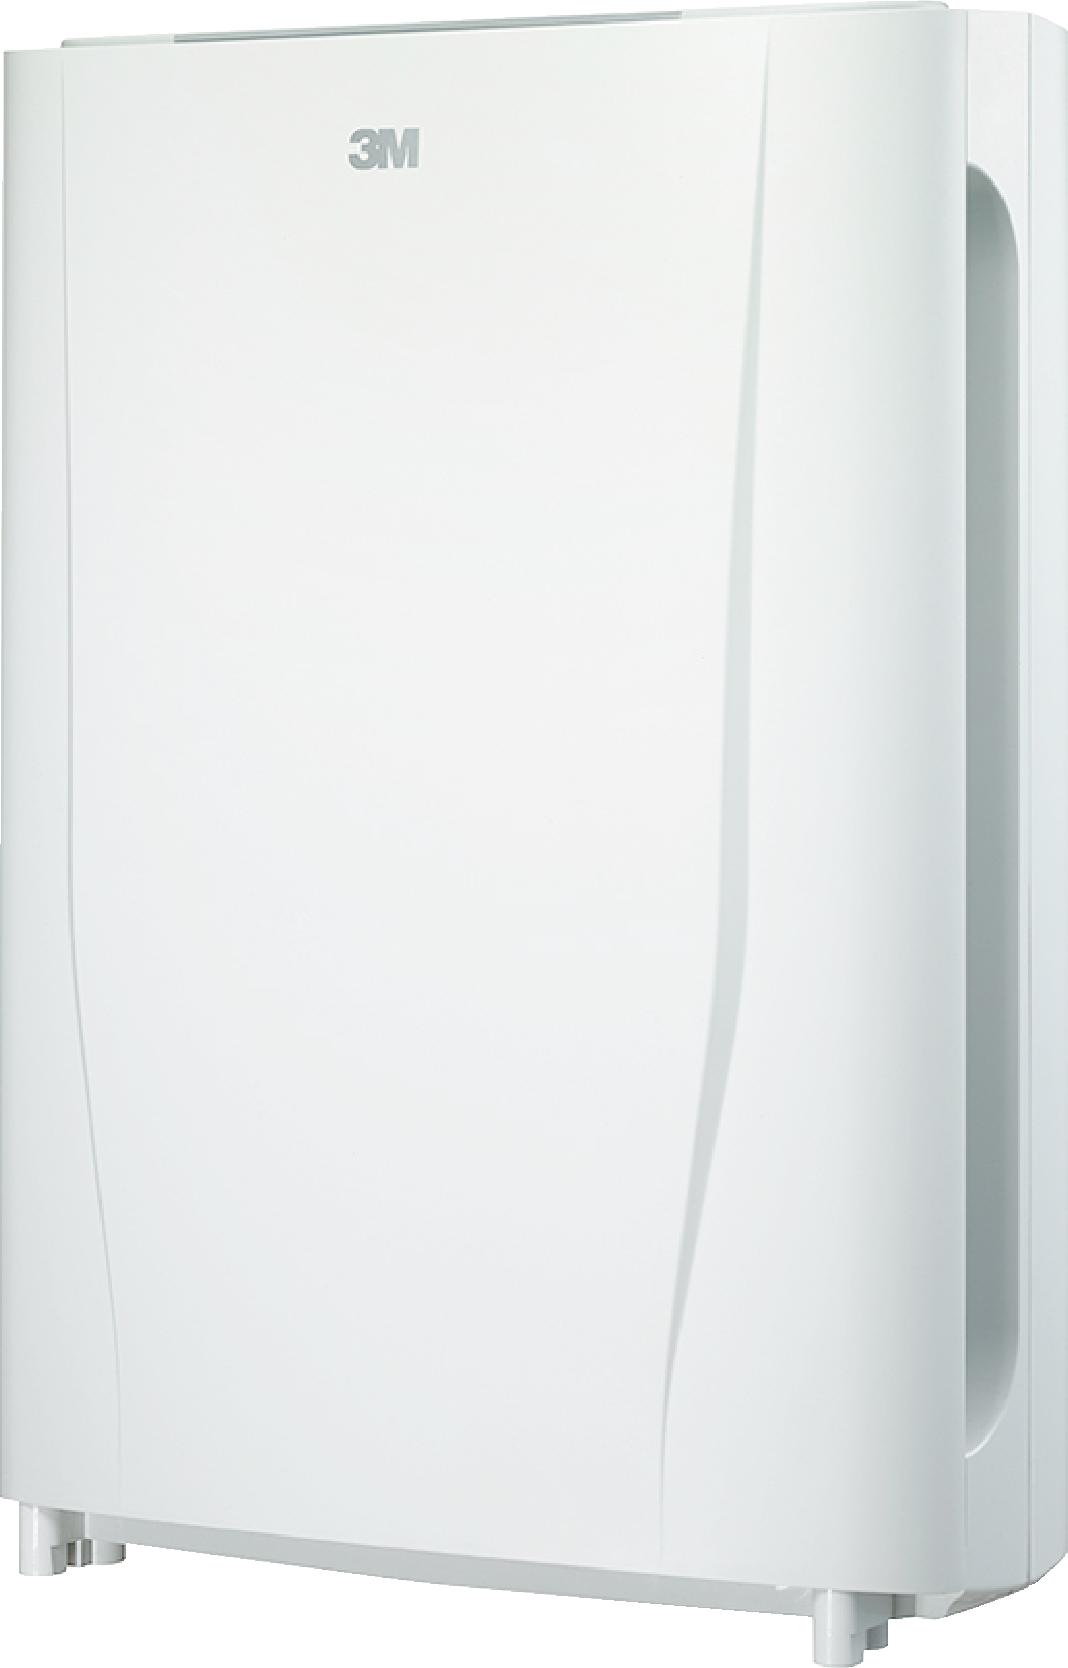 西瓜籽 3M 淨呼吸負離子空氣清淨機 (適用至7.6-18坪)  FA-B200DC  過敏 去異味 去除PM2.5 防疫 過濾 除塵 低噪音 省電 家人健康 嬰兒 寵物 單人 公寓 小房間